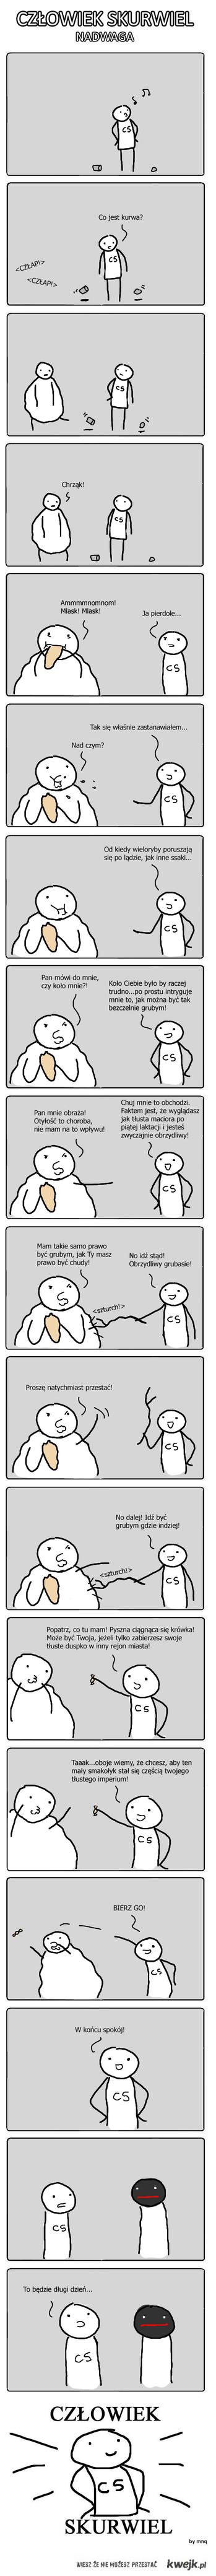 Człowiek skurwiel nadwaga